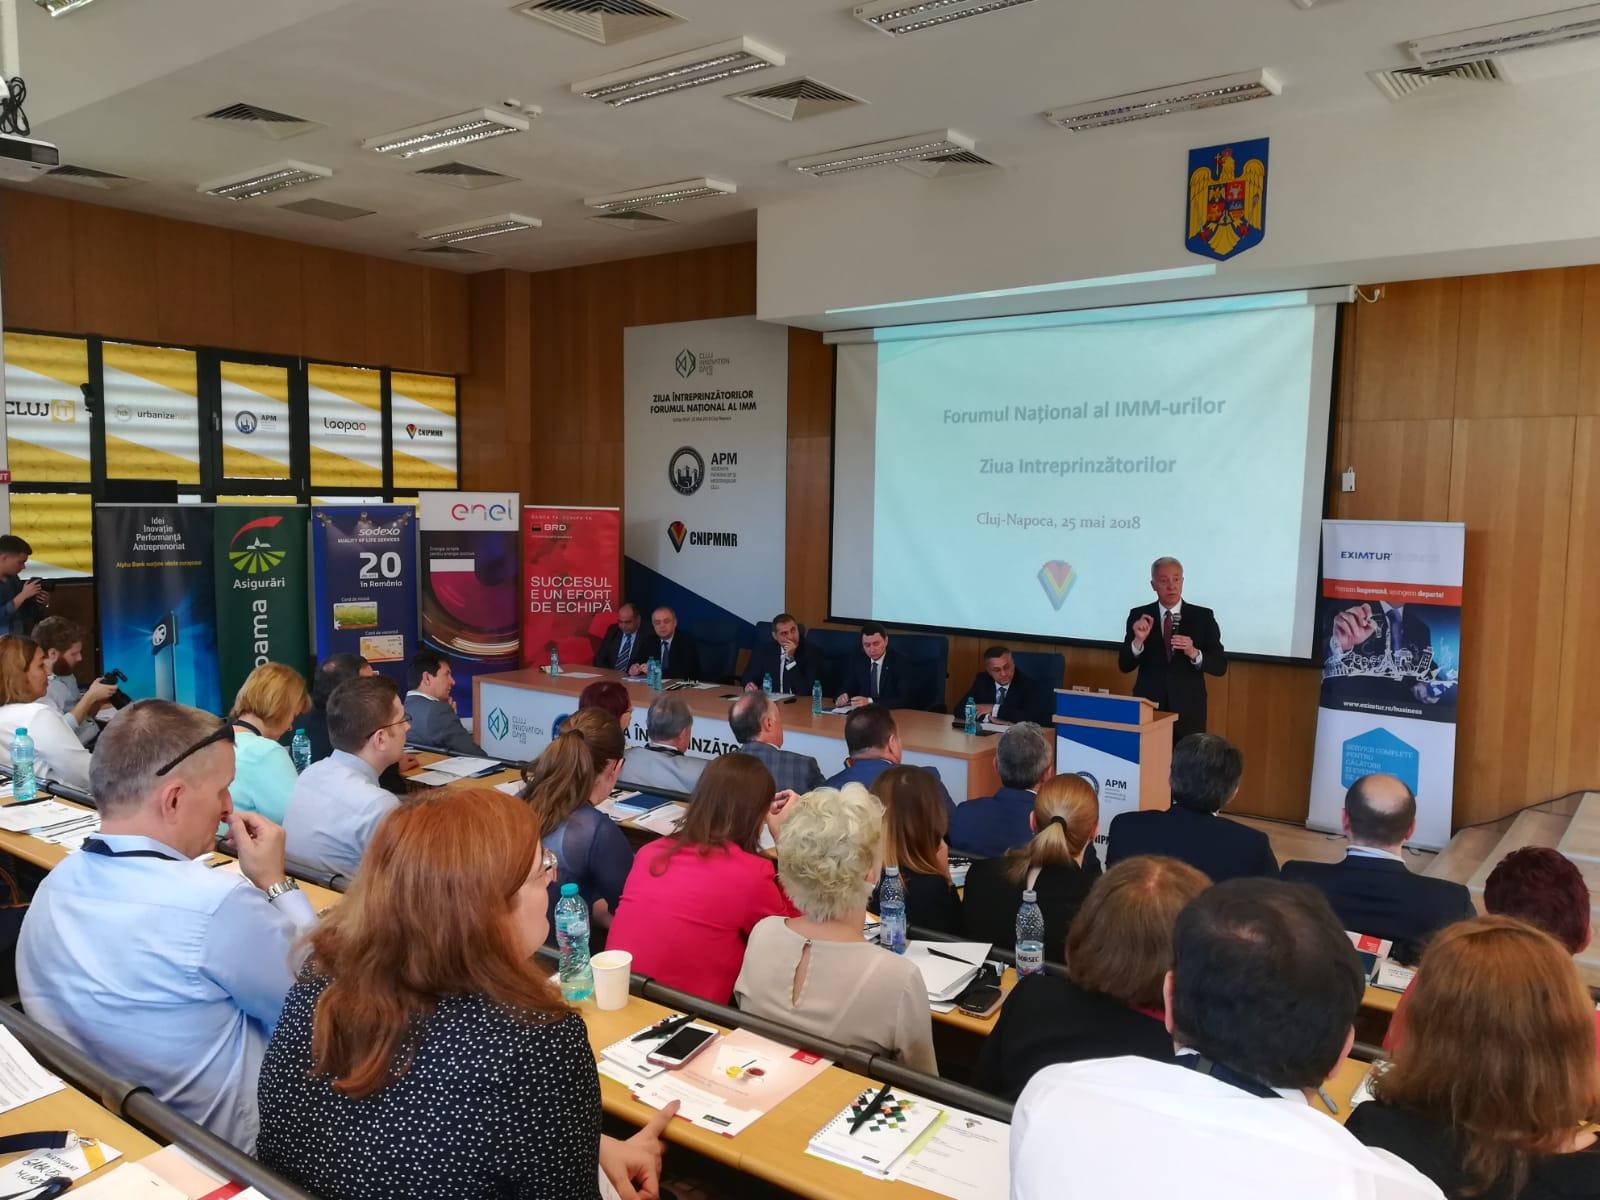 """Consiliul Naţional al IMM-urilor din România a organizat cea de-a XXVI-a ediţie a """"Forumului Național al IMM-urilor"""" și a """"Zilei Întreprinzătorilor"""""""